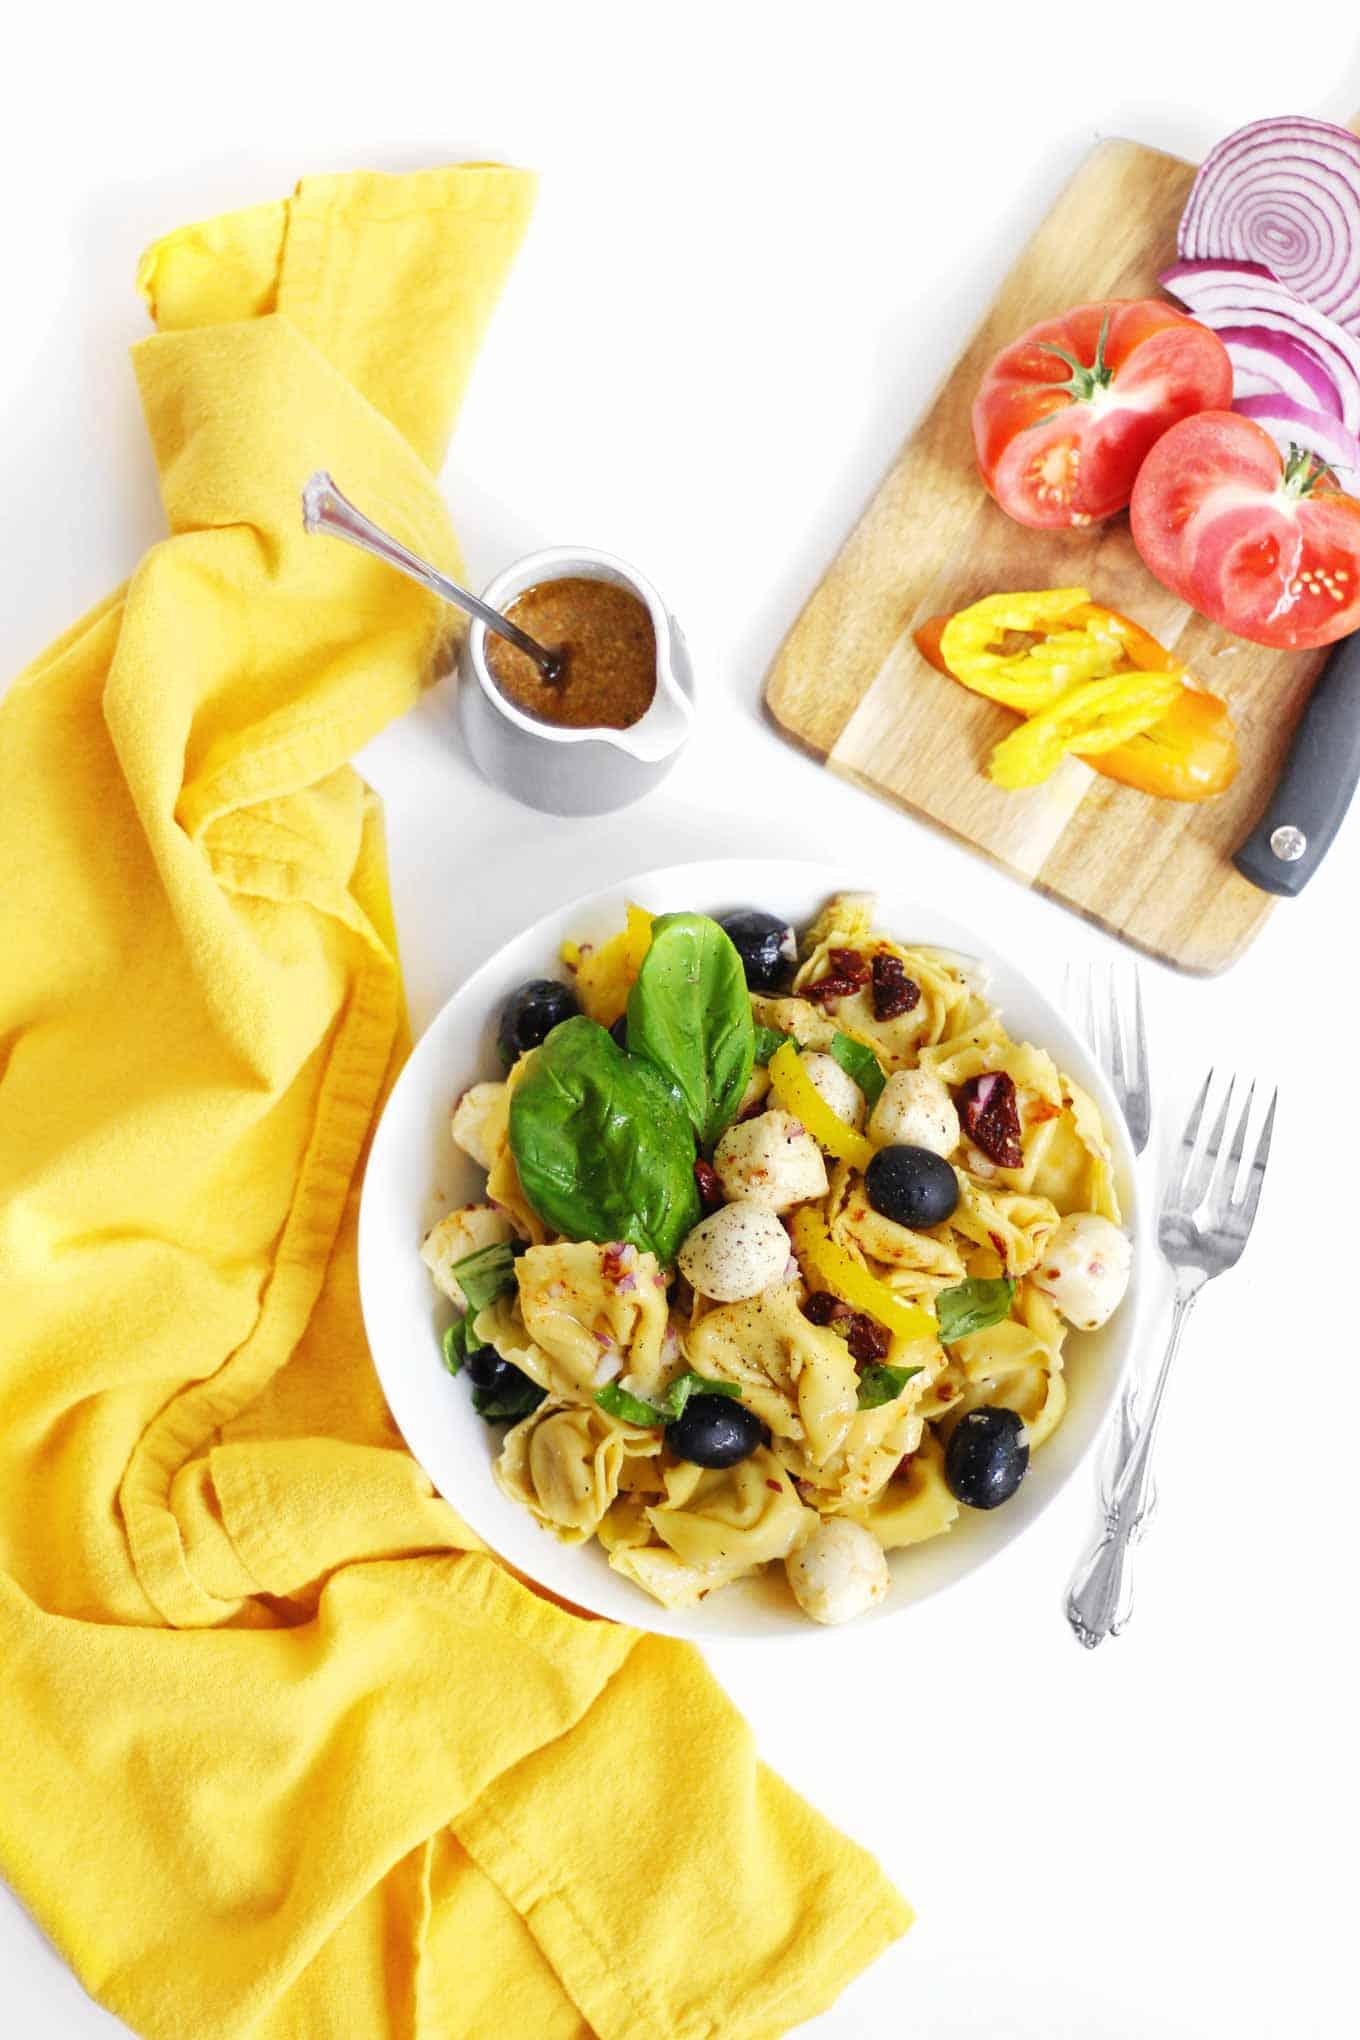 tortellini pasta salad flatlay